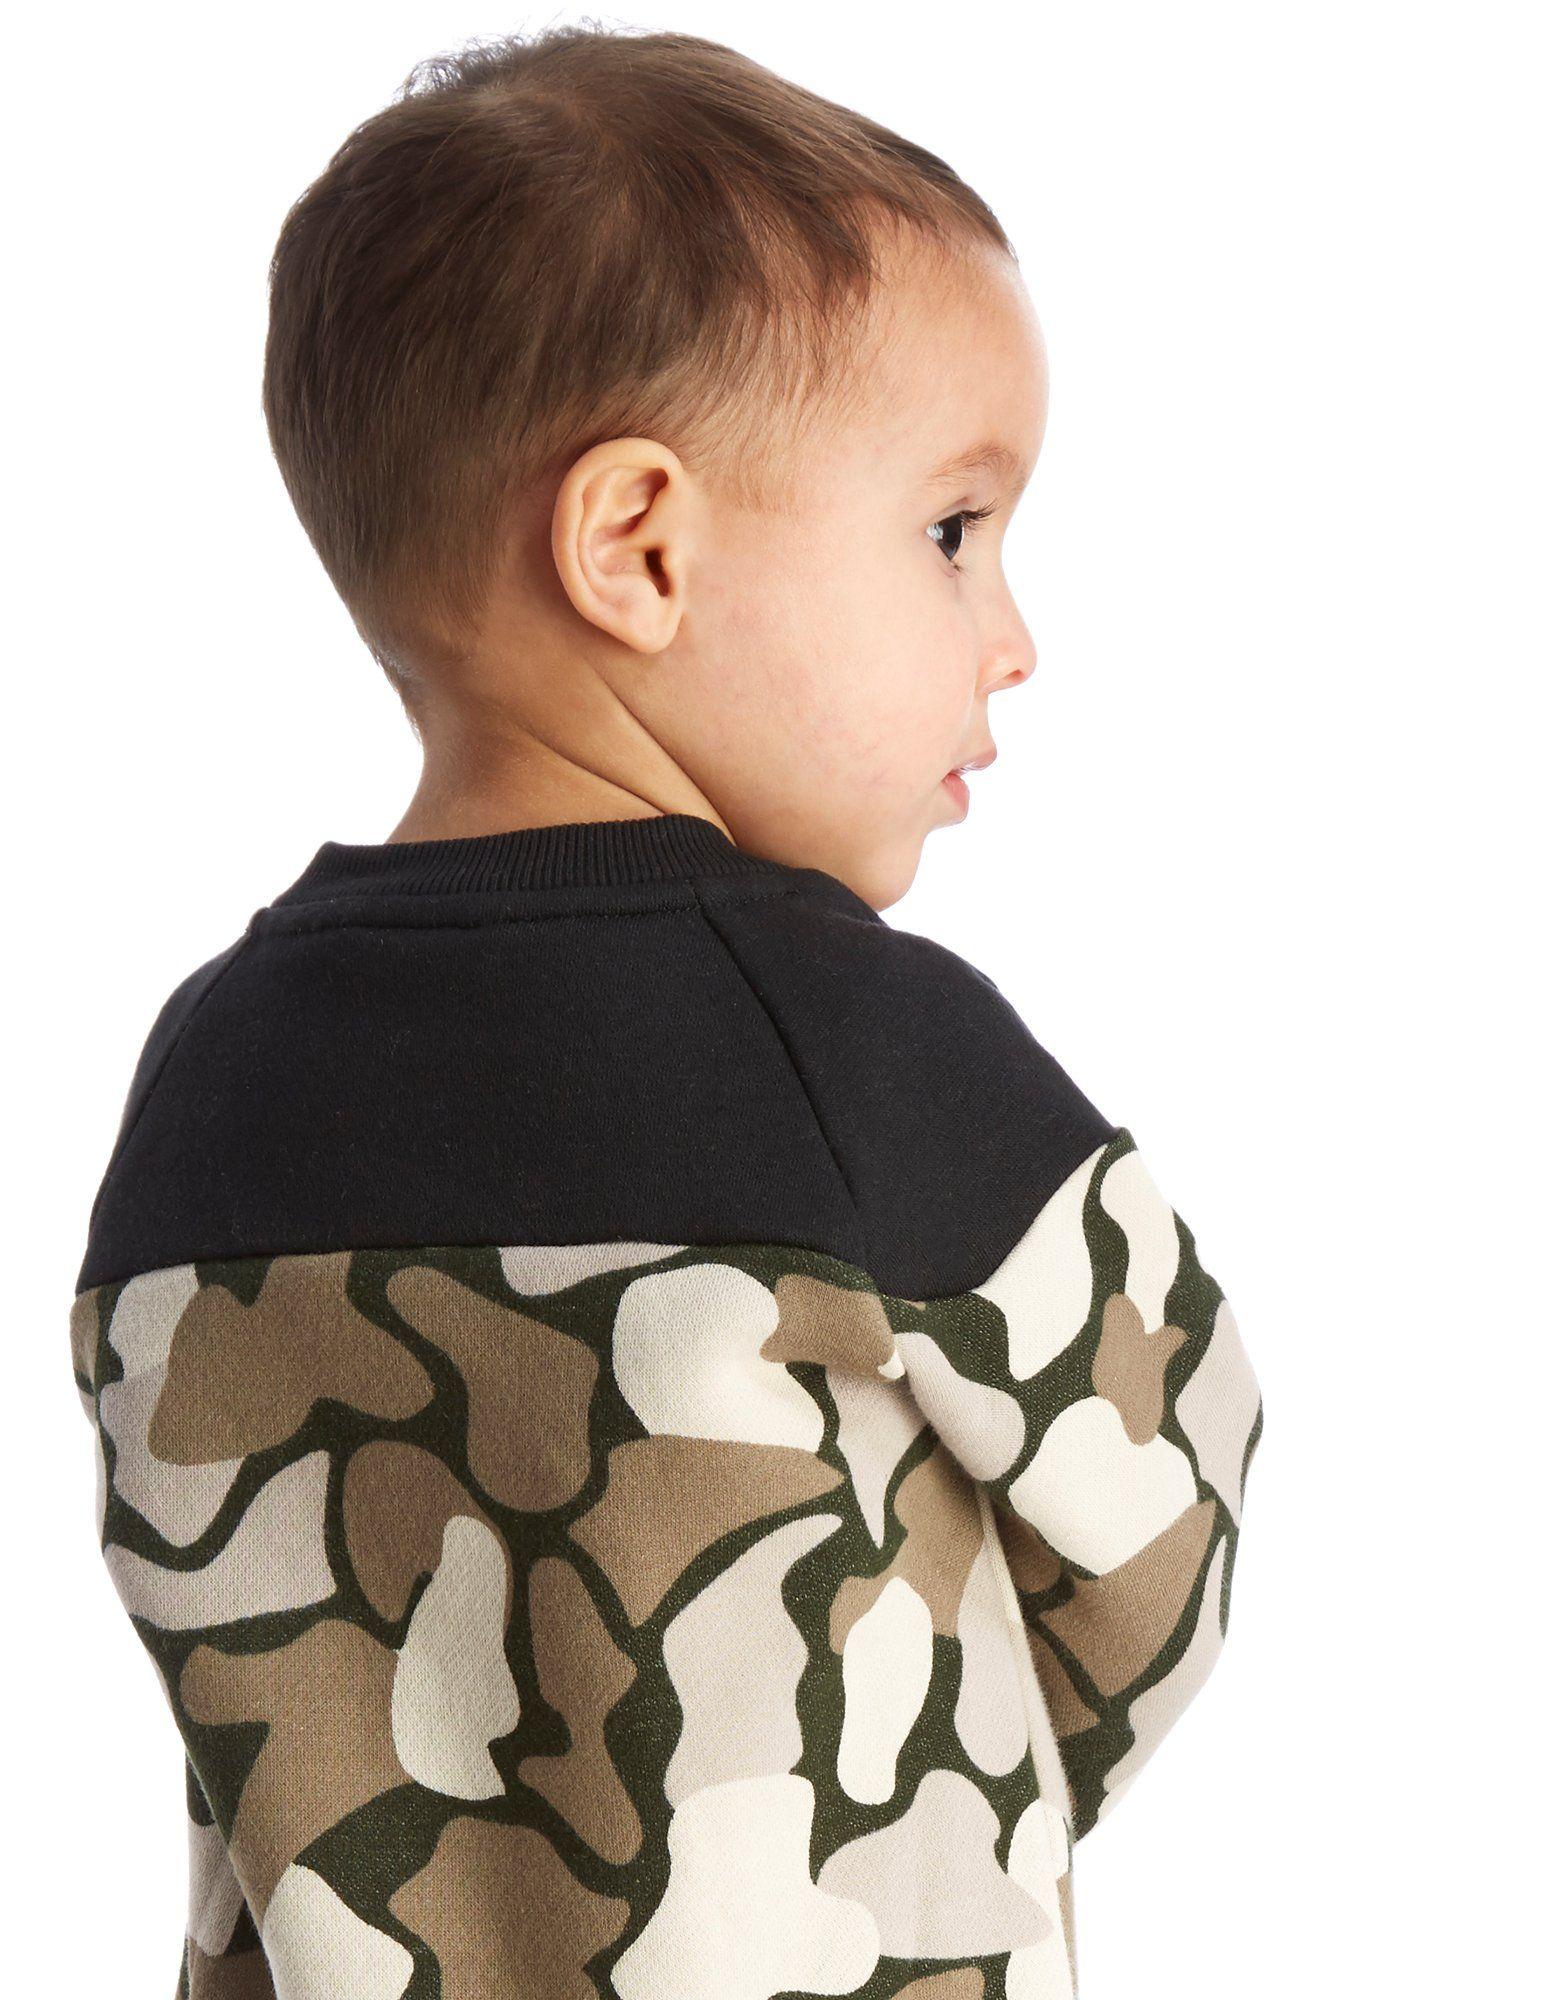 adidas Originals Europe 2 Camo Crew Suit Infant